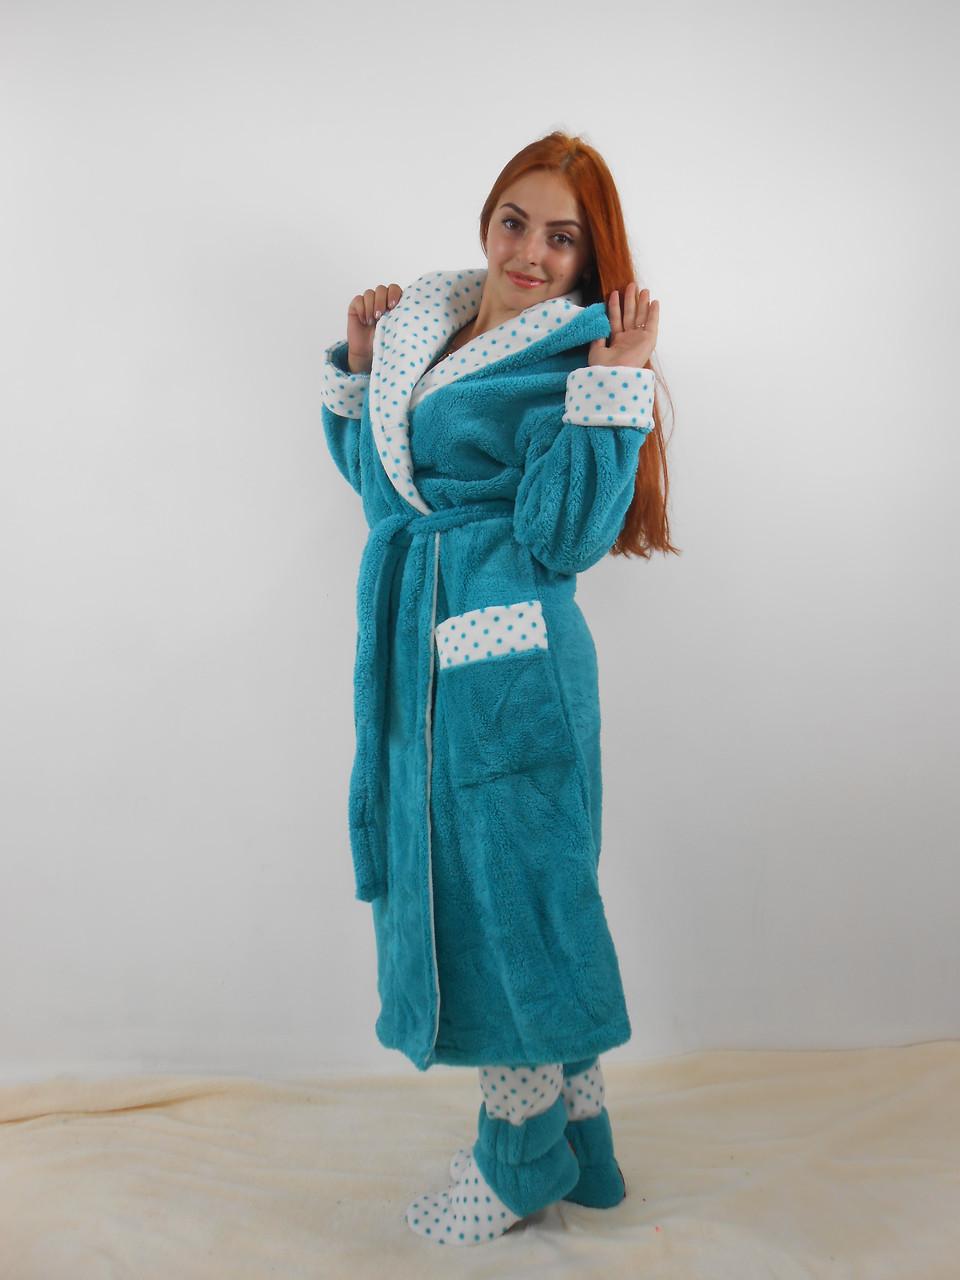 f2b9f9bc23d6 Махровый халат длинный с двойным капюшоном - Интернет-магазин Selim-tekstil  в Одессе